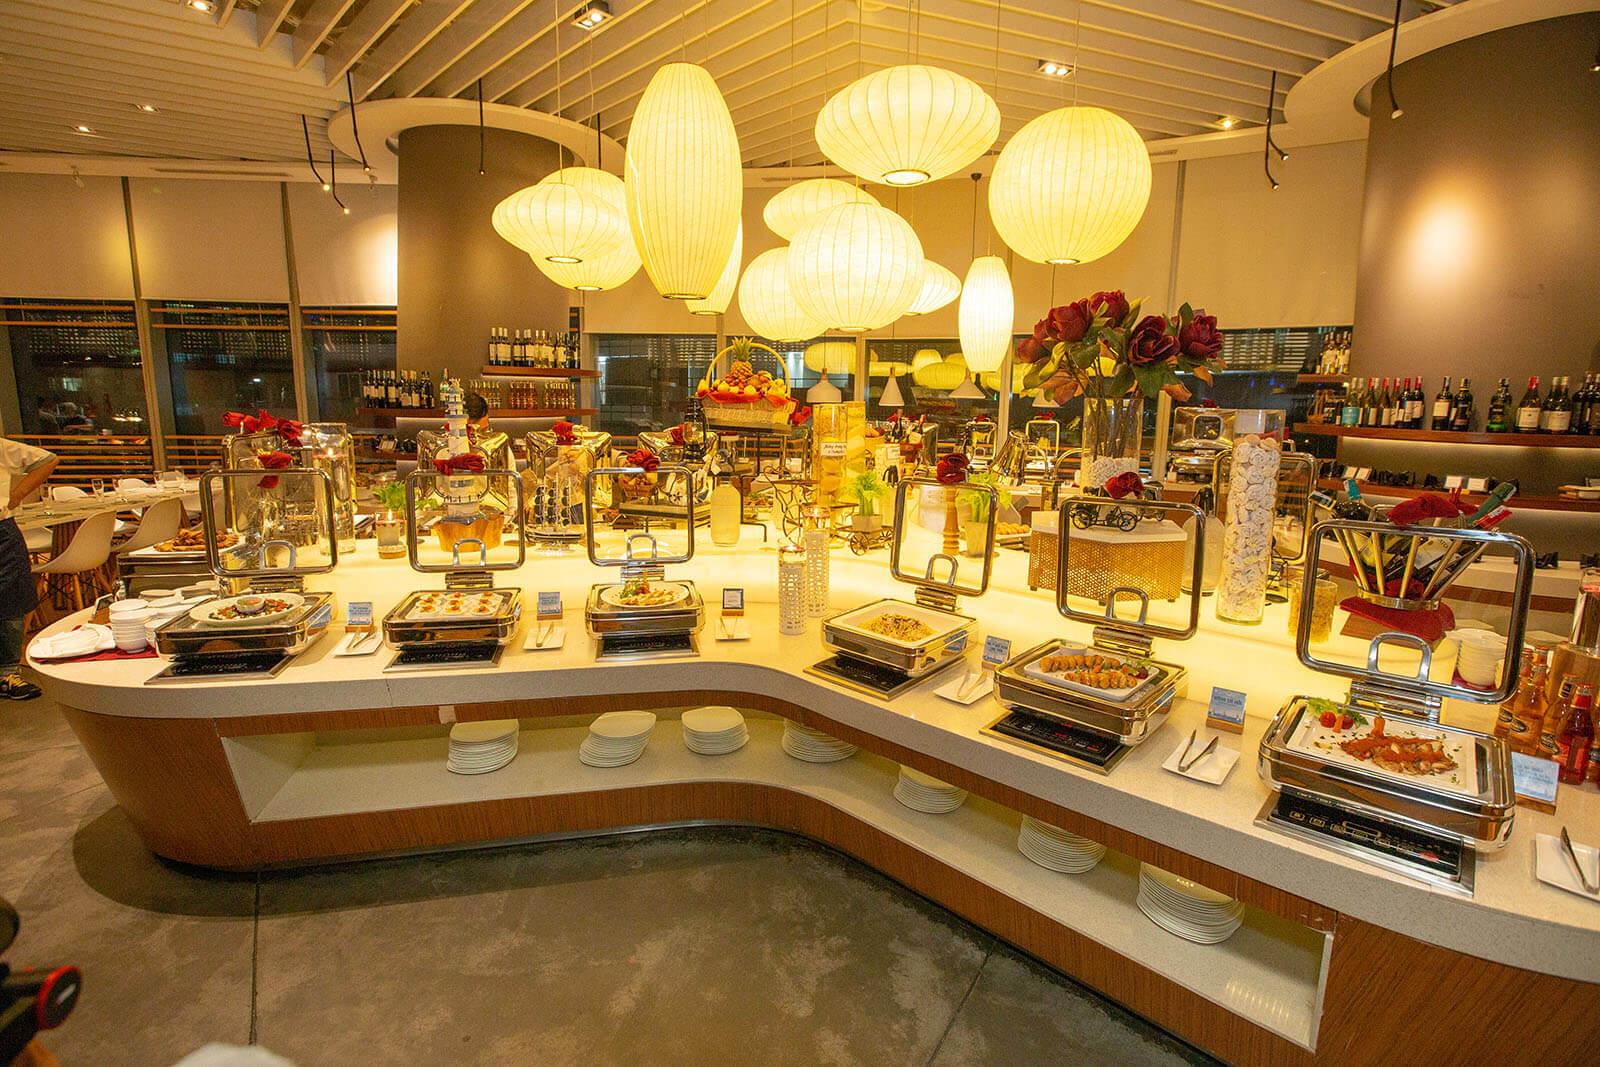 Thương hiệu Buffet Hoàng Yến sang trọng, đẳng cấp luôn chiếm cảm tình của nhiều thực khách sành ăn